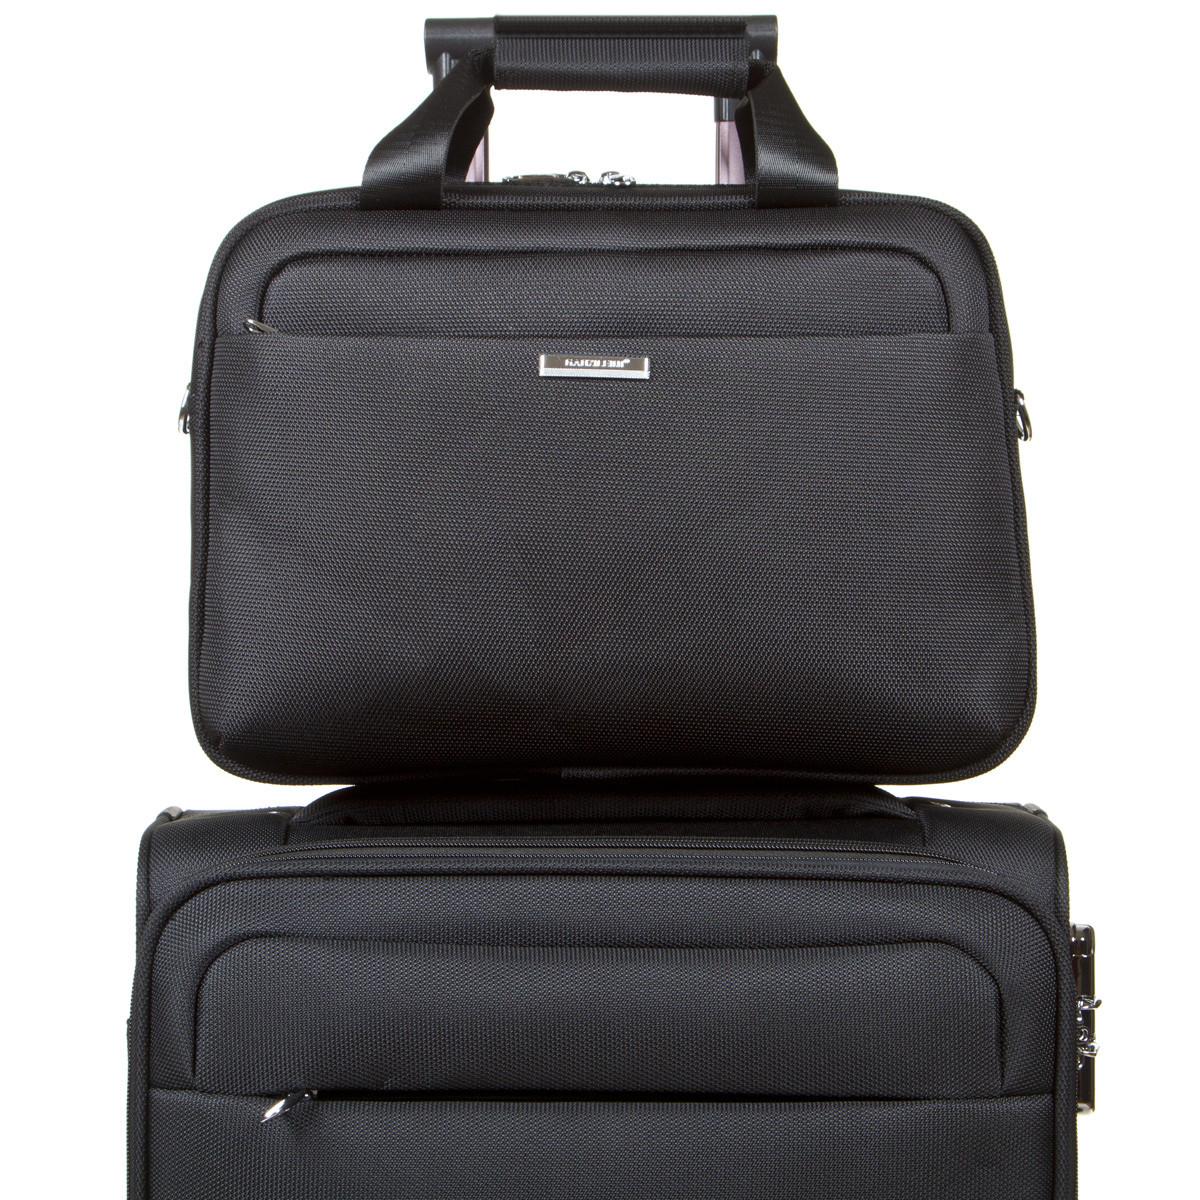 Дорожная универсальная сумка-бьютик GLQ с креплением на ручку чемодана 38х29х15 чёрный цвет   ксГЦ868ч